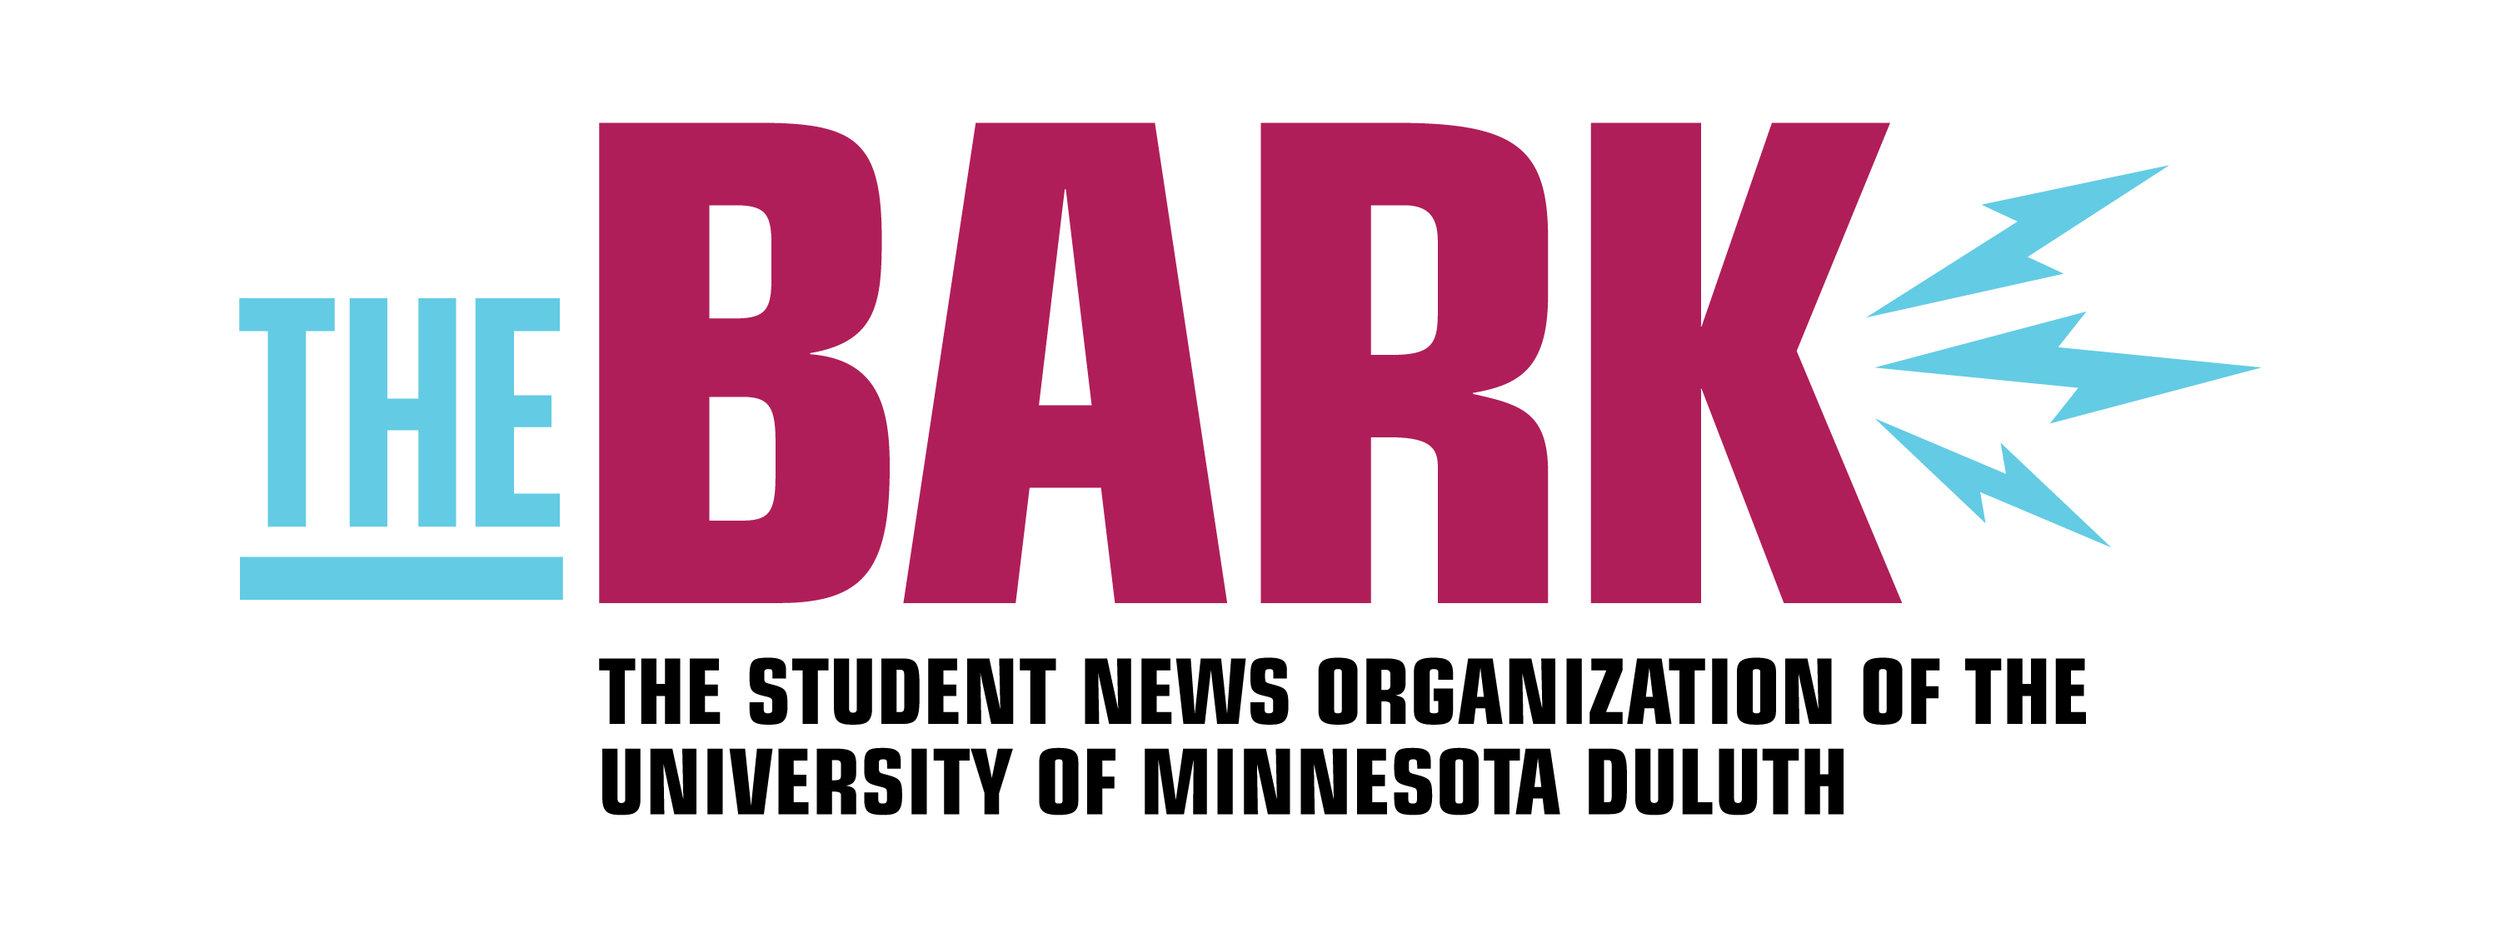 TheBark_Logo_Wordmark_WithTagline_v1.jpg